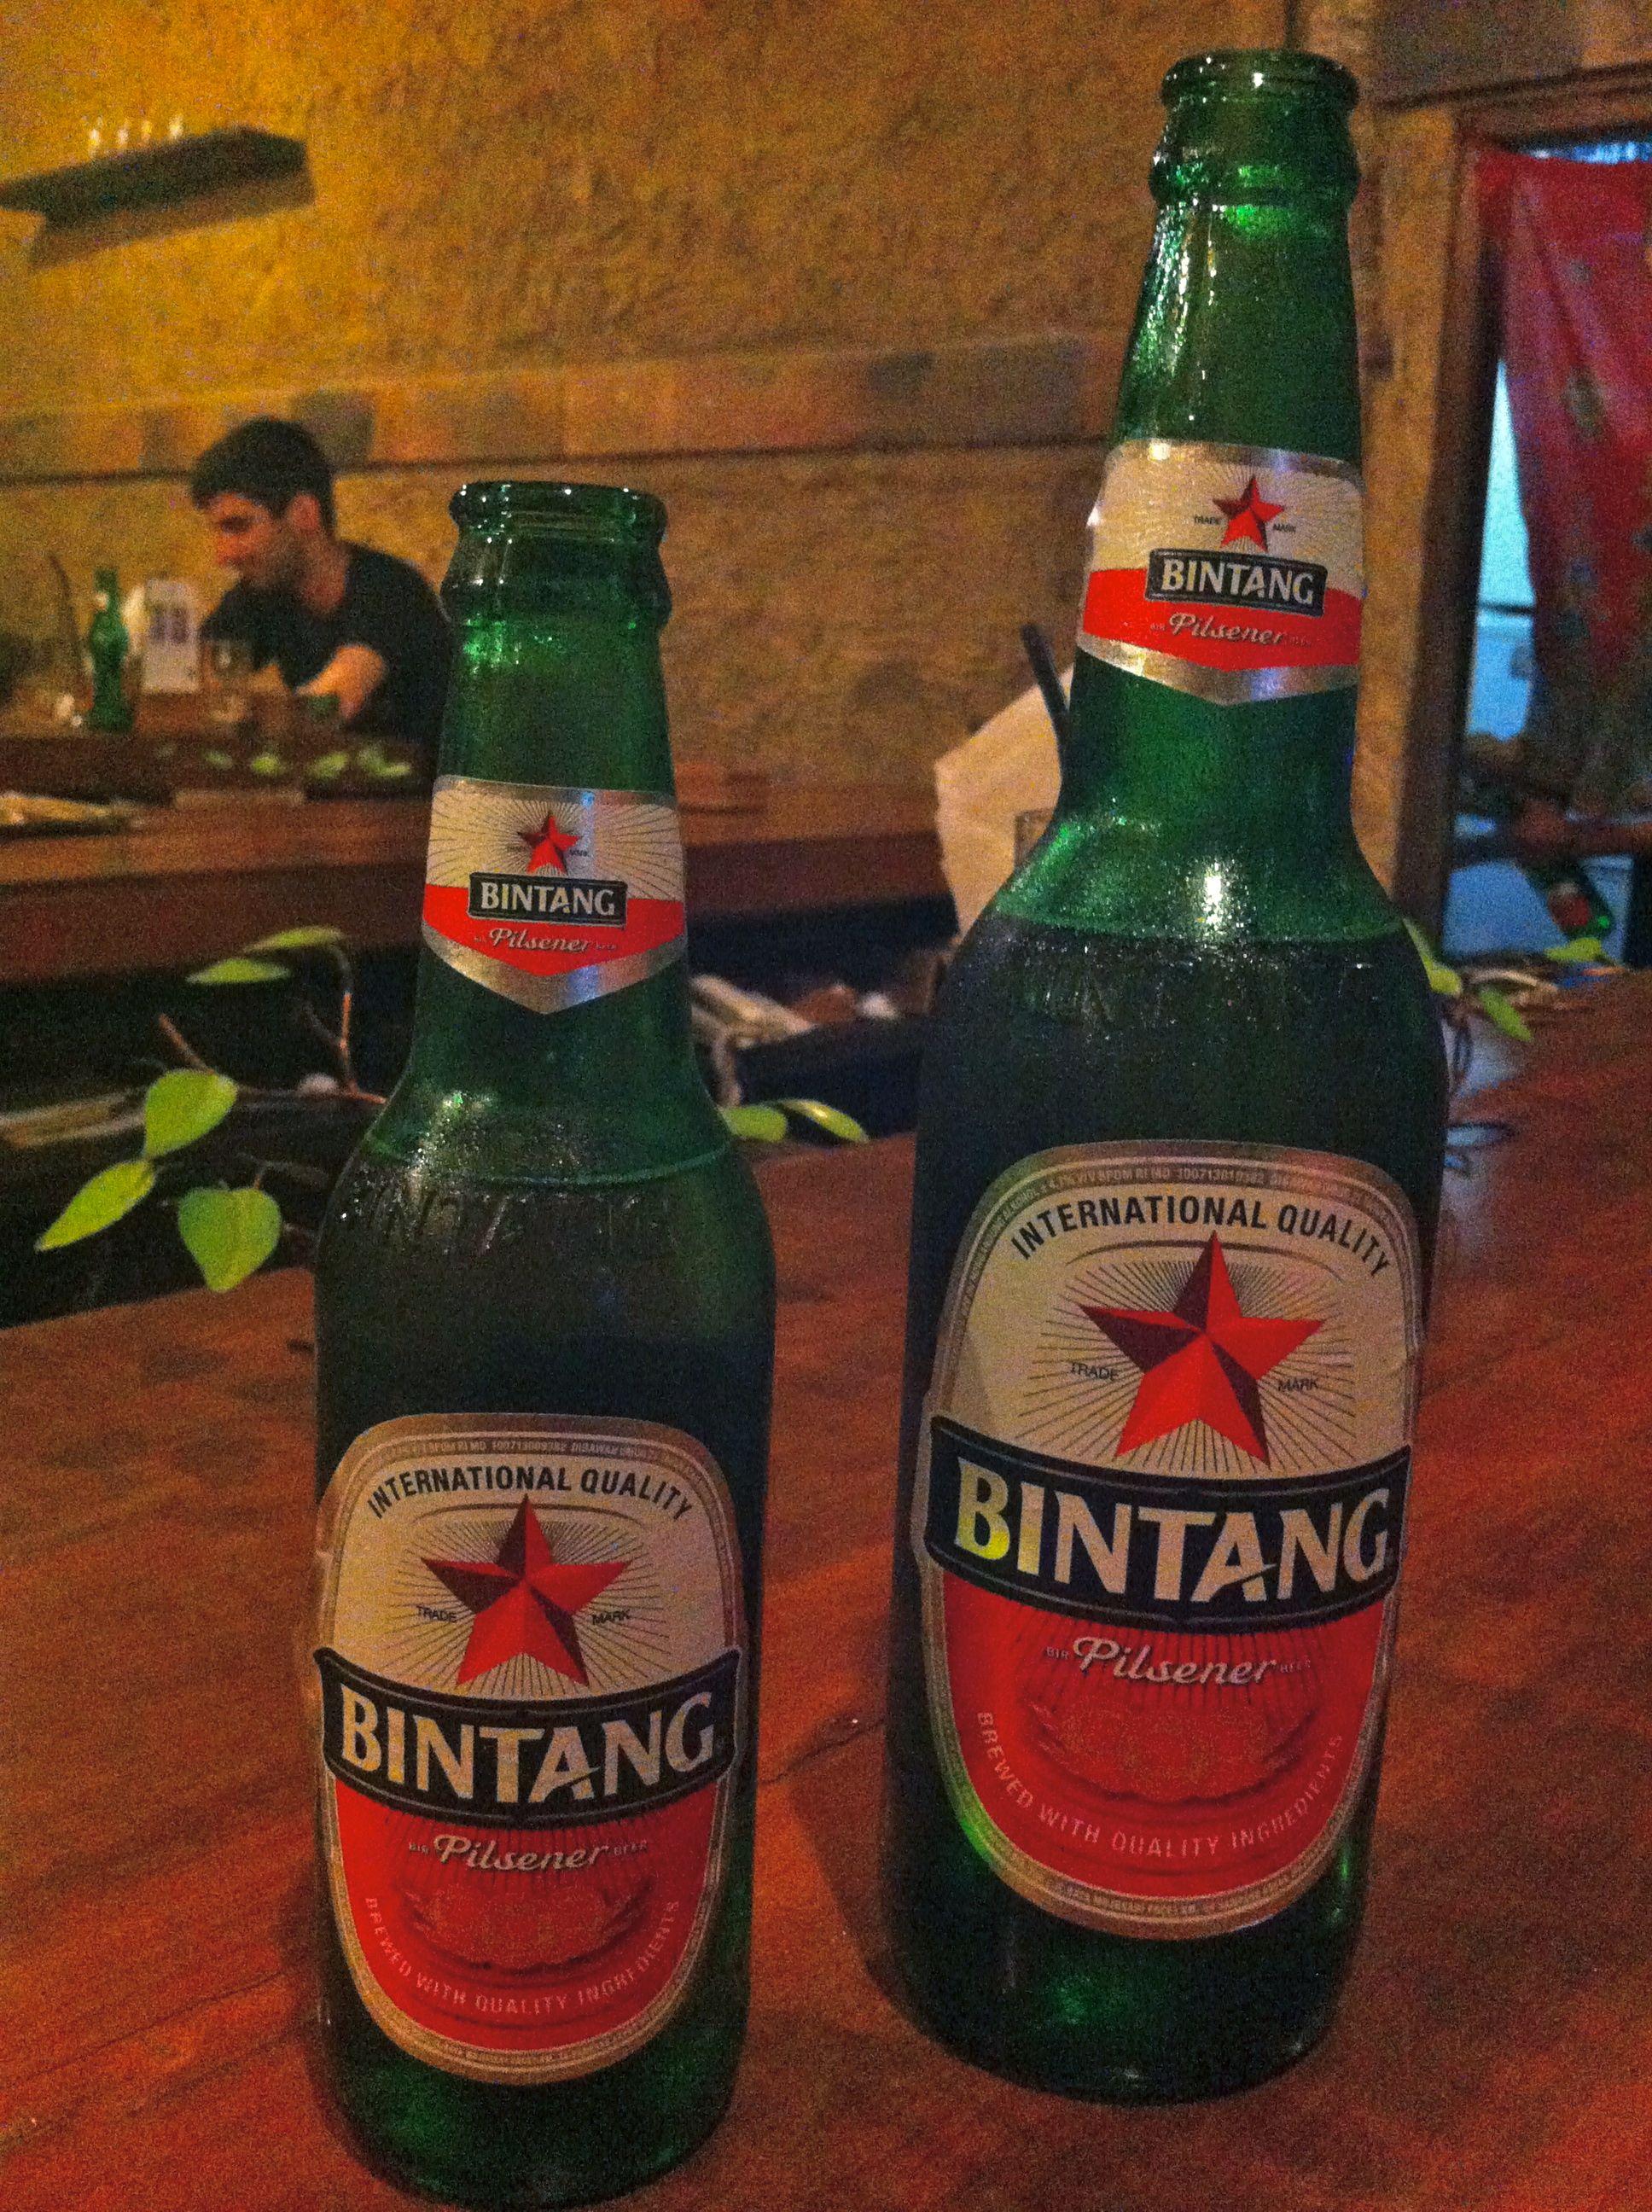 Bintang Beer From Indonesia Anggur Merah Bintang Indonesia